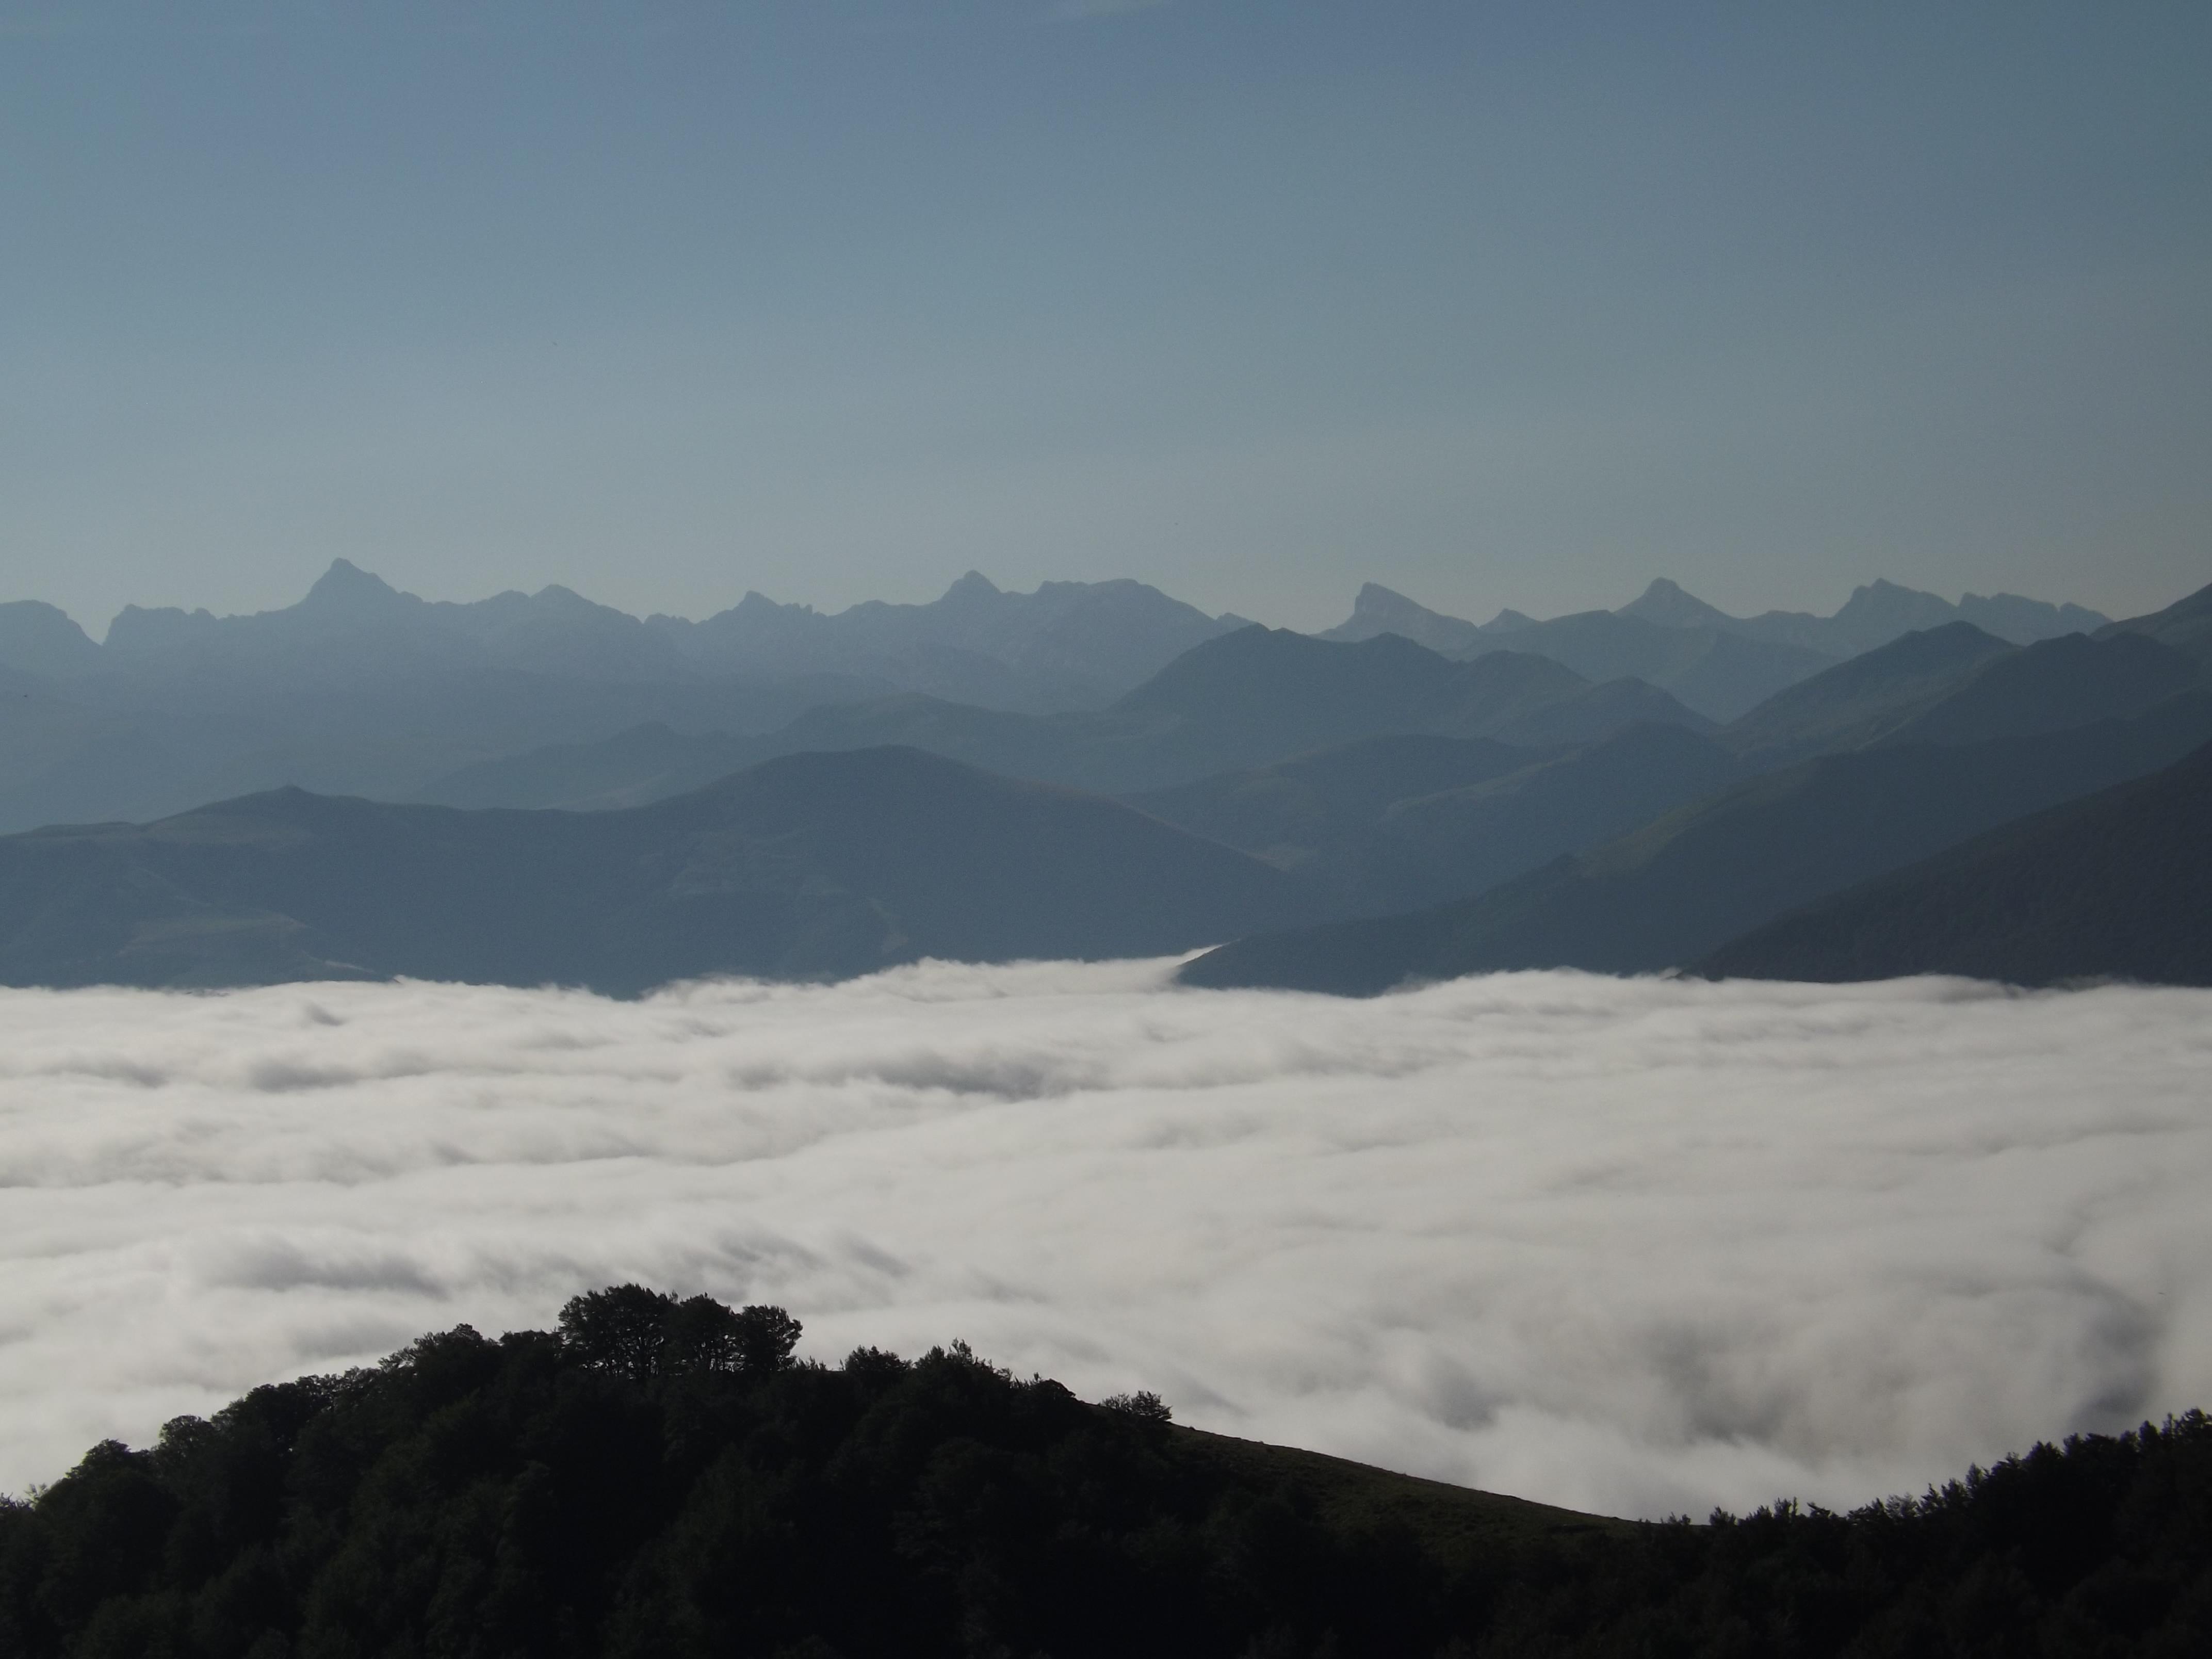 Mer de nuage sur les montagnes